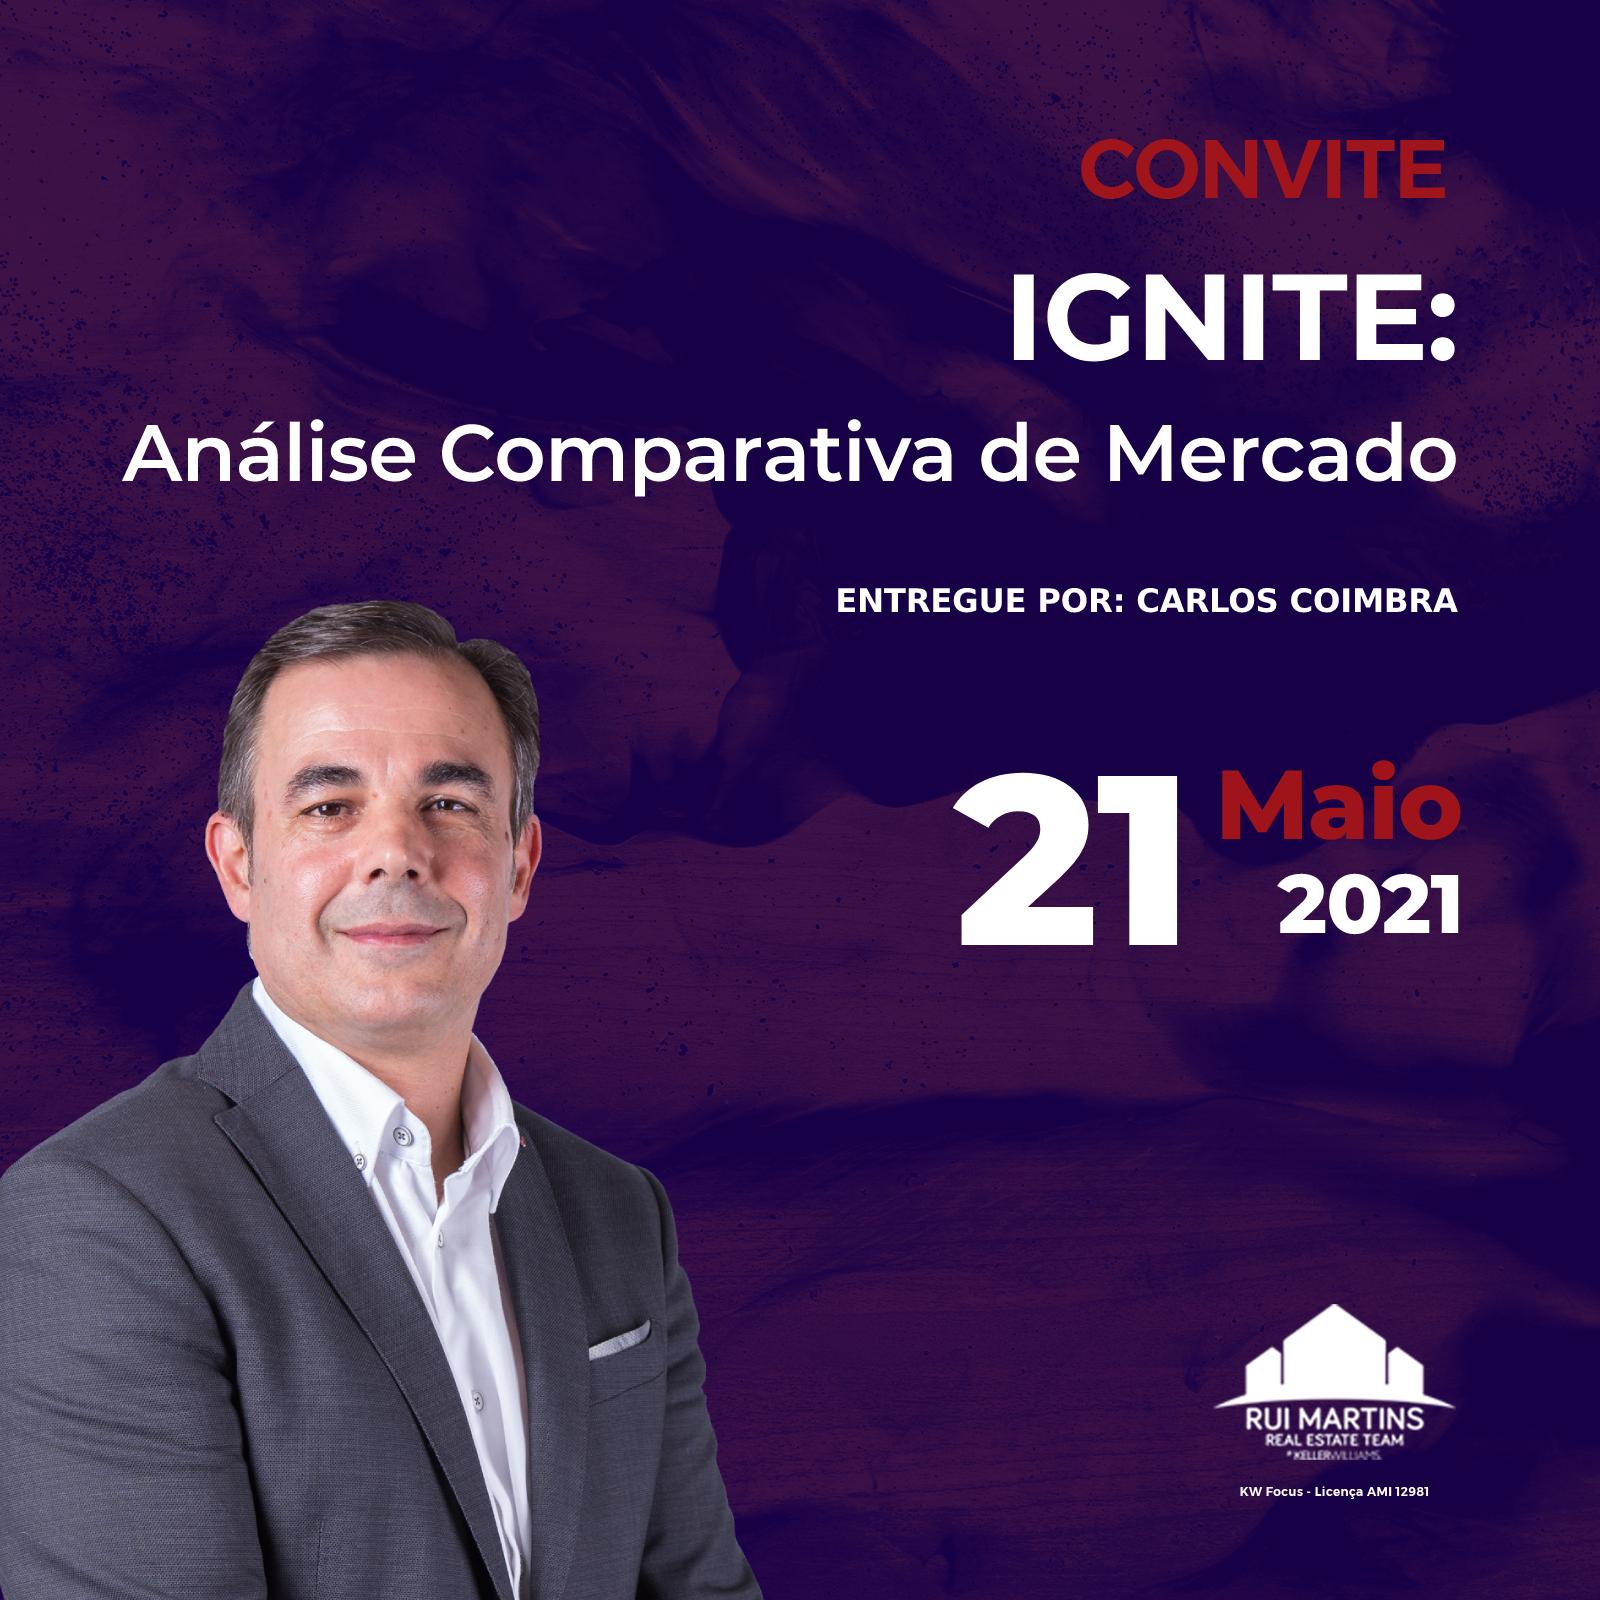 IGNITE-Análise comparativa de mercado